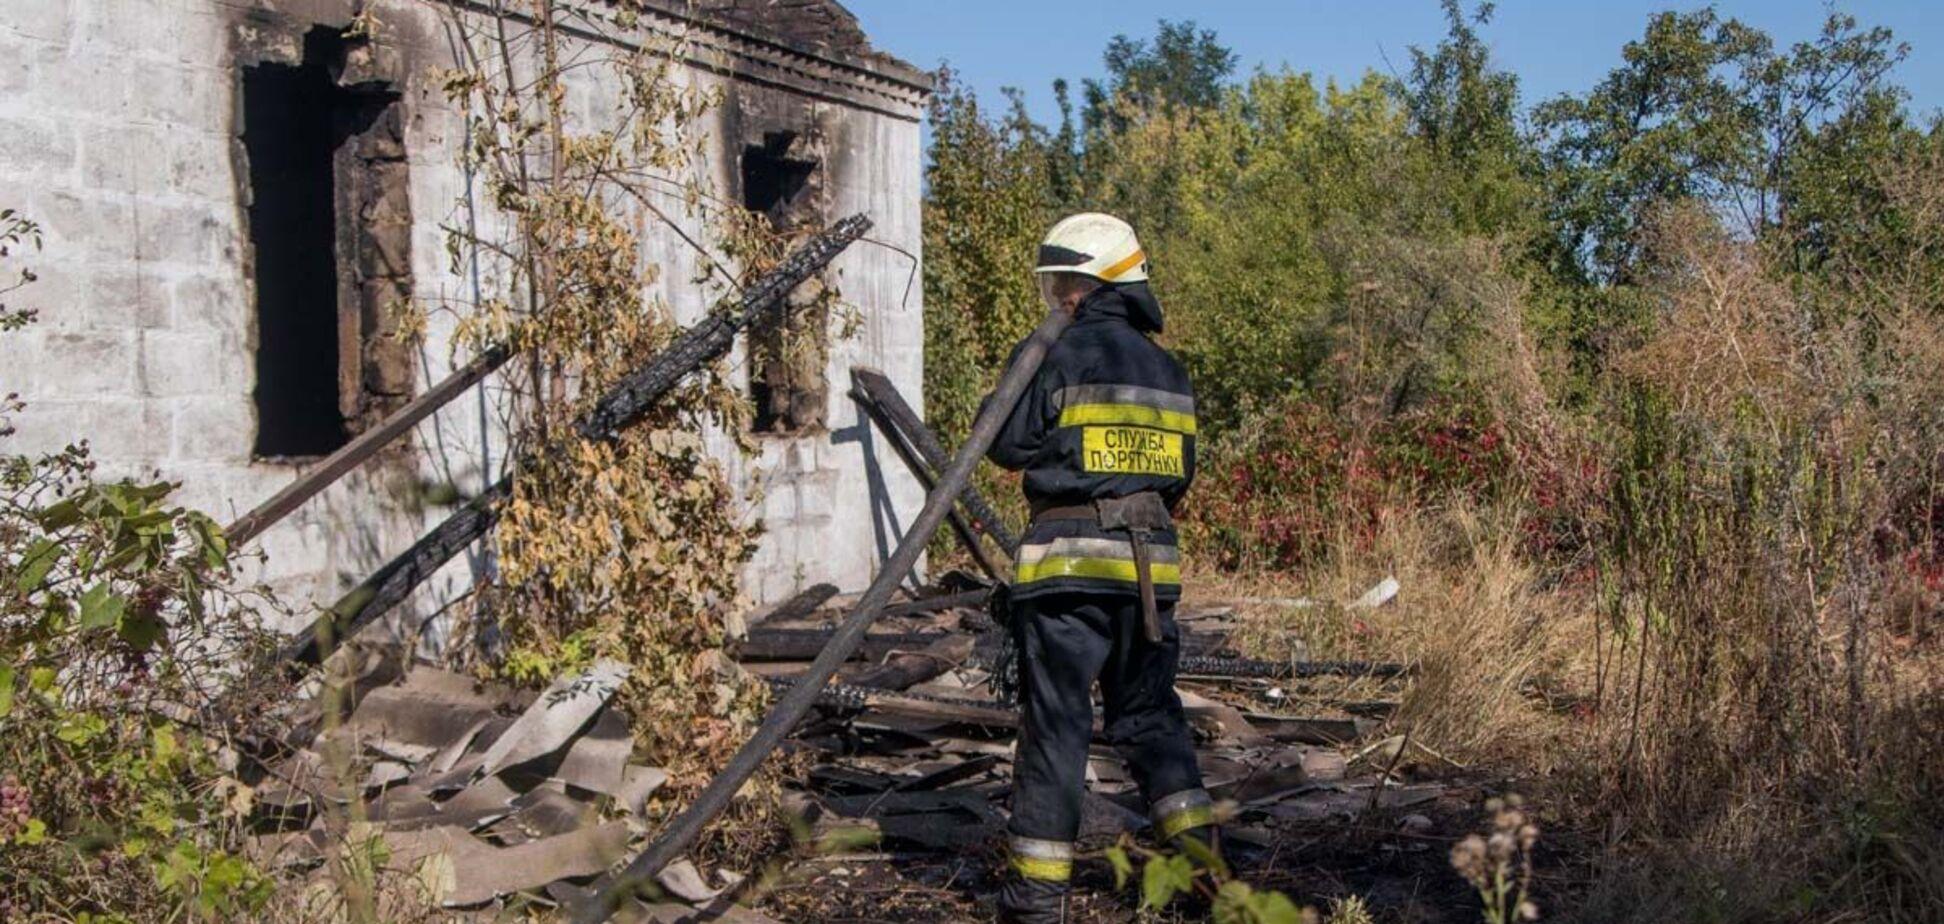 У Дніпрі в завалах після пожежі виявили людські останки. Фото 18+